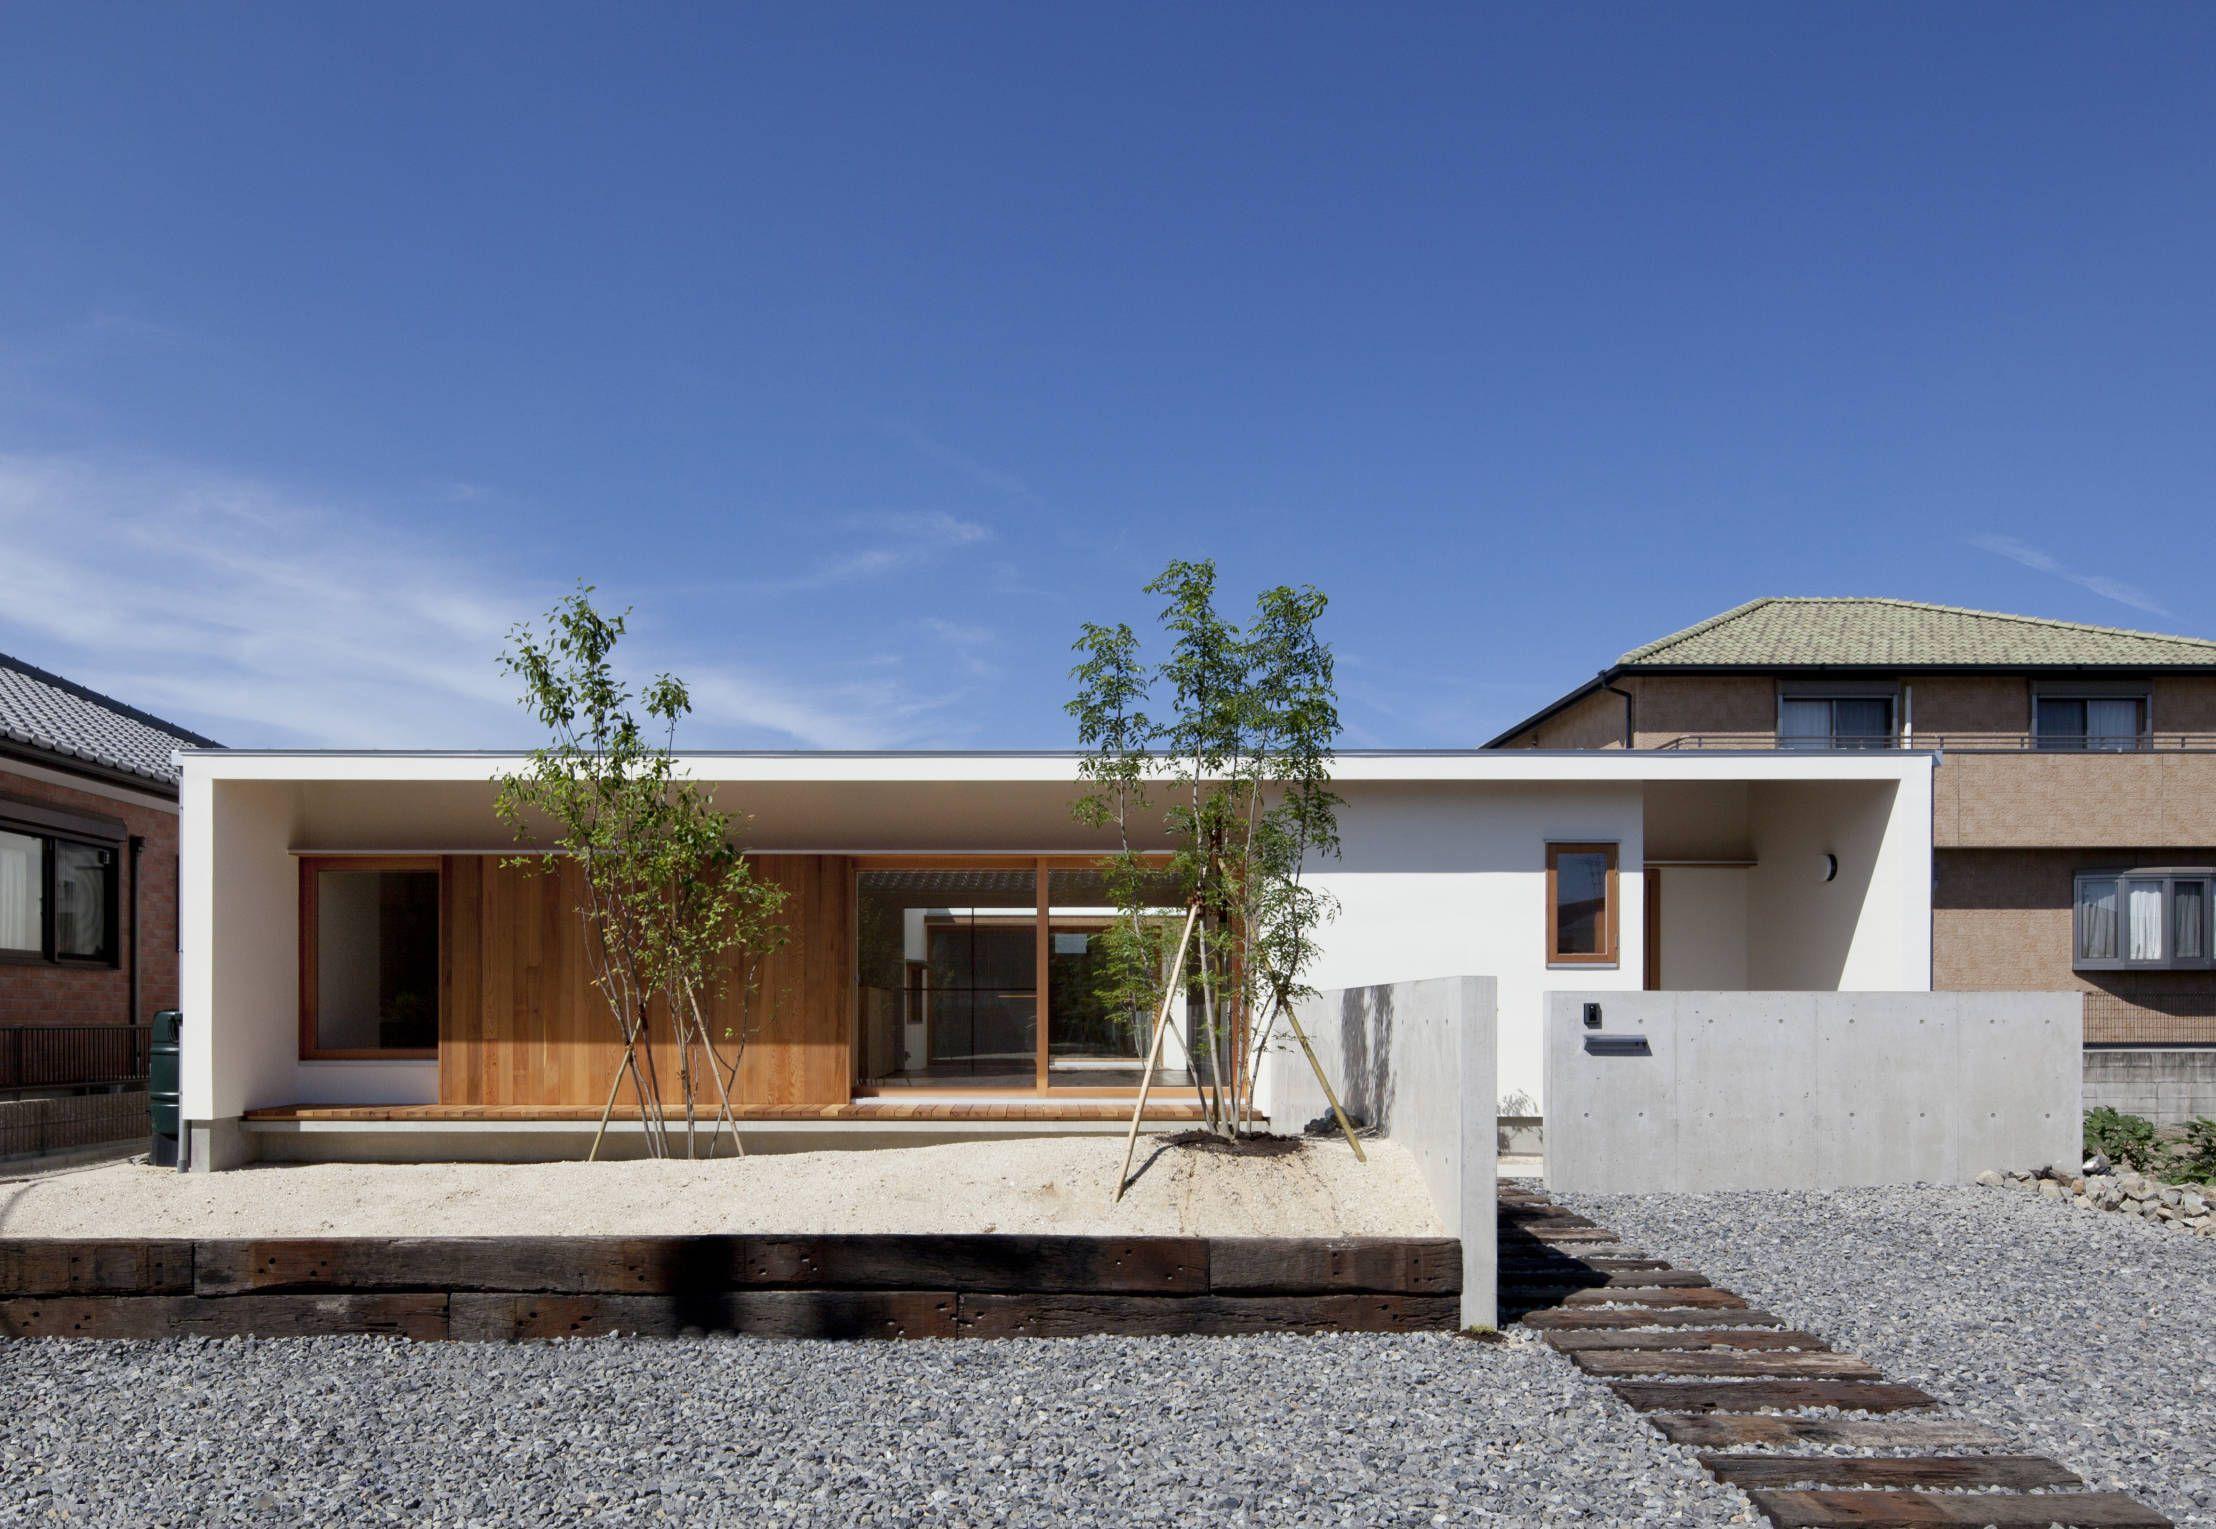 平屋外観の様々なスタイル 家の外壁 平屋外観 平屋 外観 シンプル